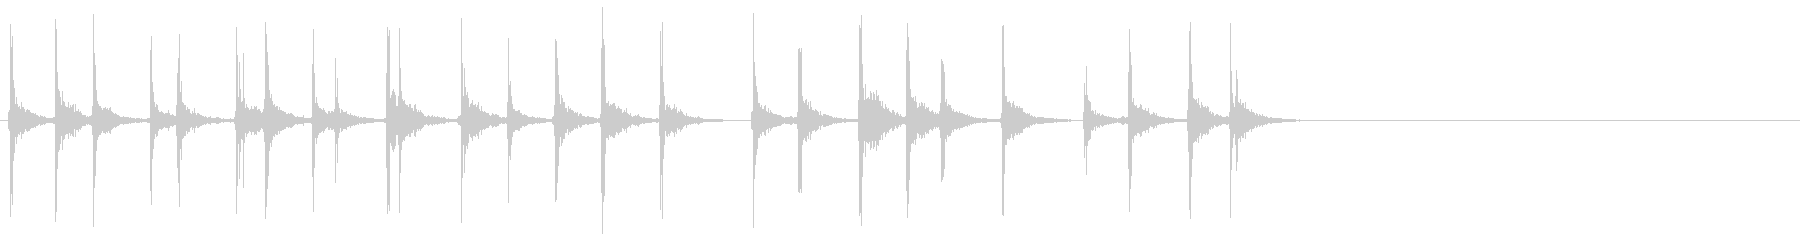 キーボードをカチャカチャと叩く音_1の未再生の波形